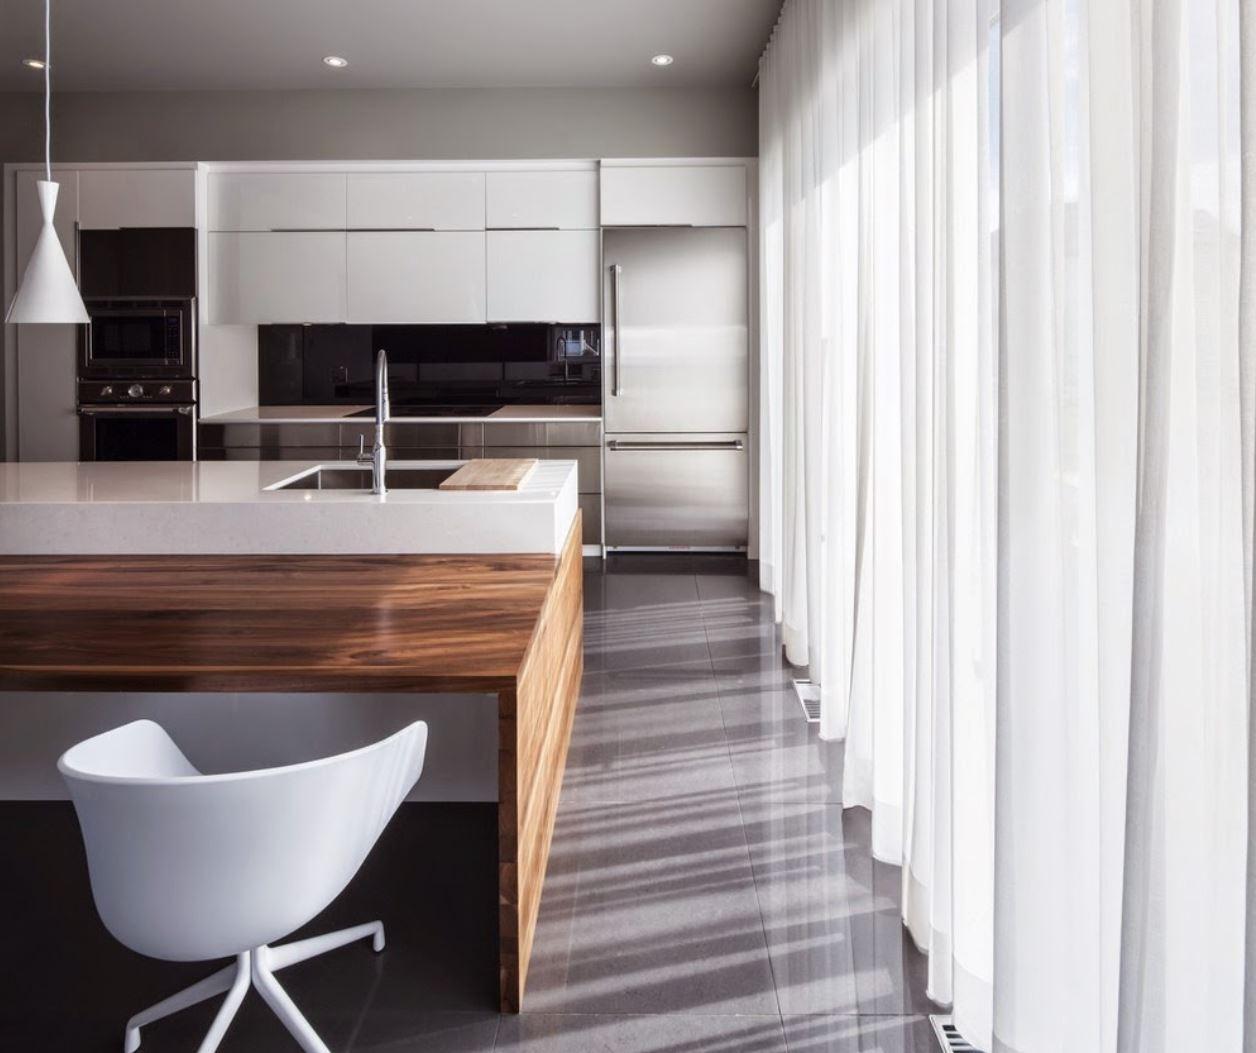 Ver cocinas modernas finest with ver cocinas modernas - Ver fotos de cocinas modernas ...